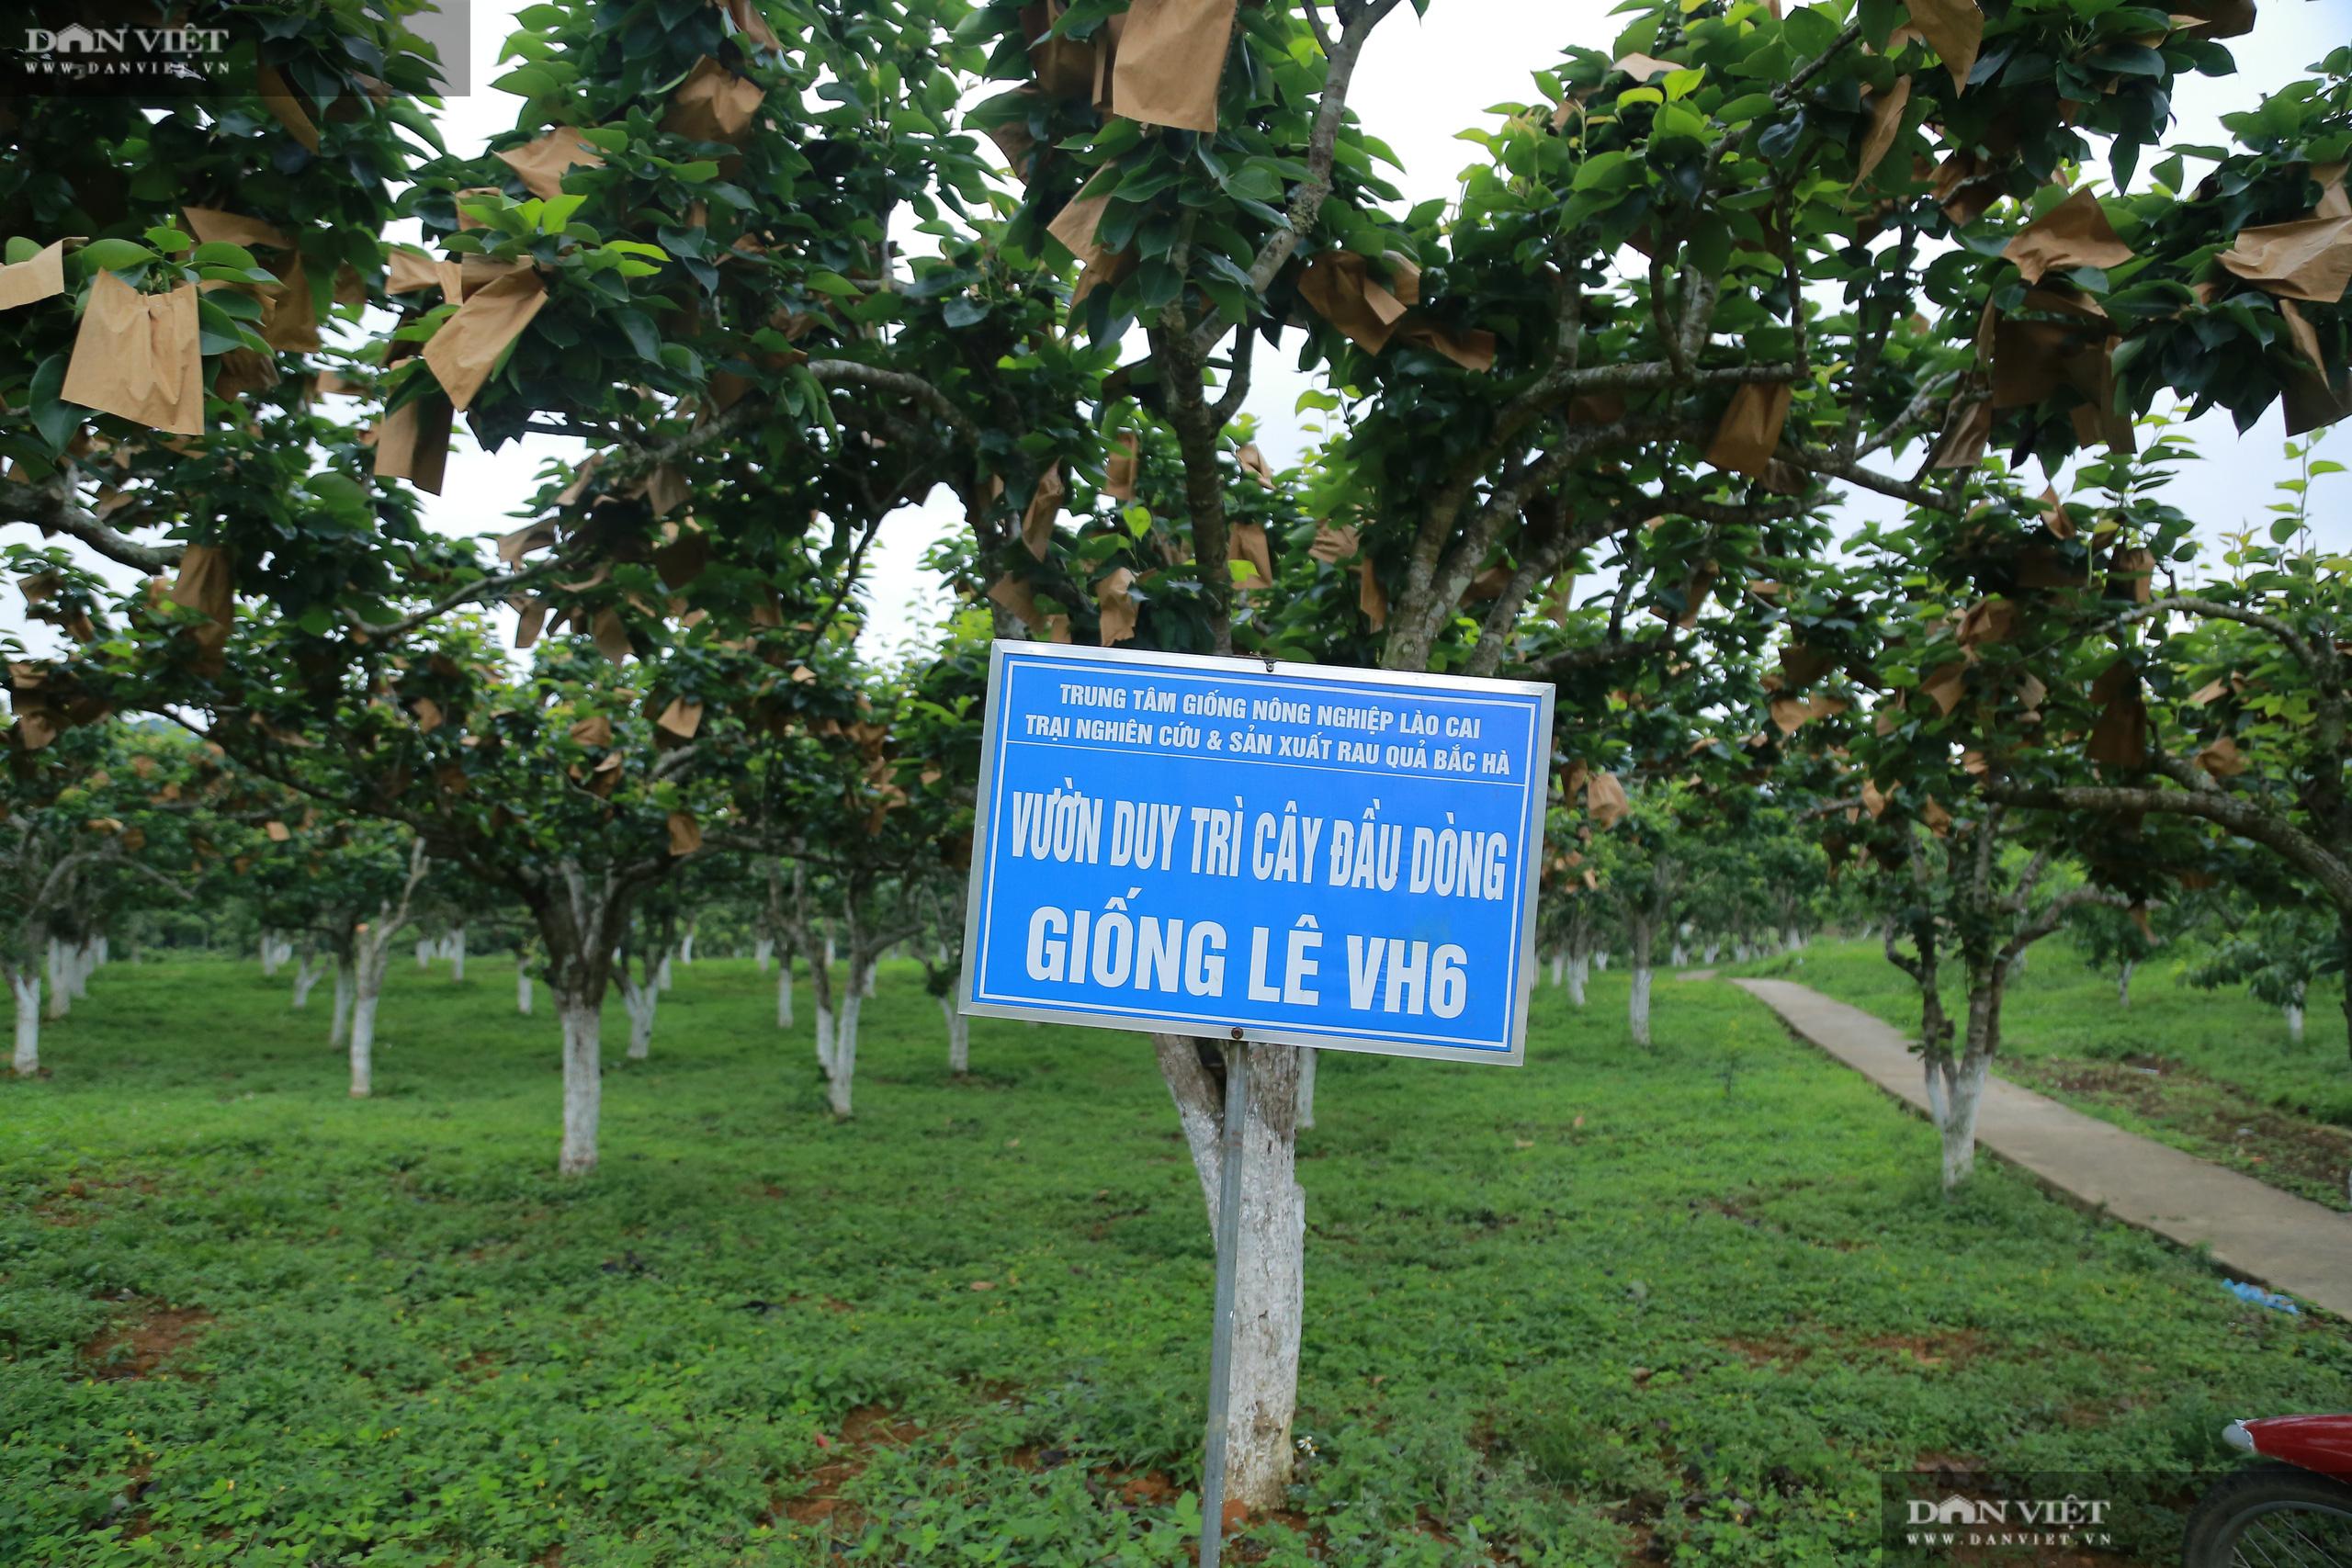 Chủ tịch Hội Nông dân Việt Nam thăm trại nghiên cứu cây ăn quả đặc sản ở biên giới - Ảnh 4.